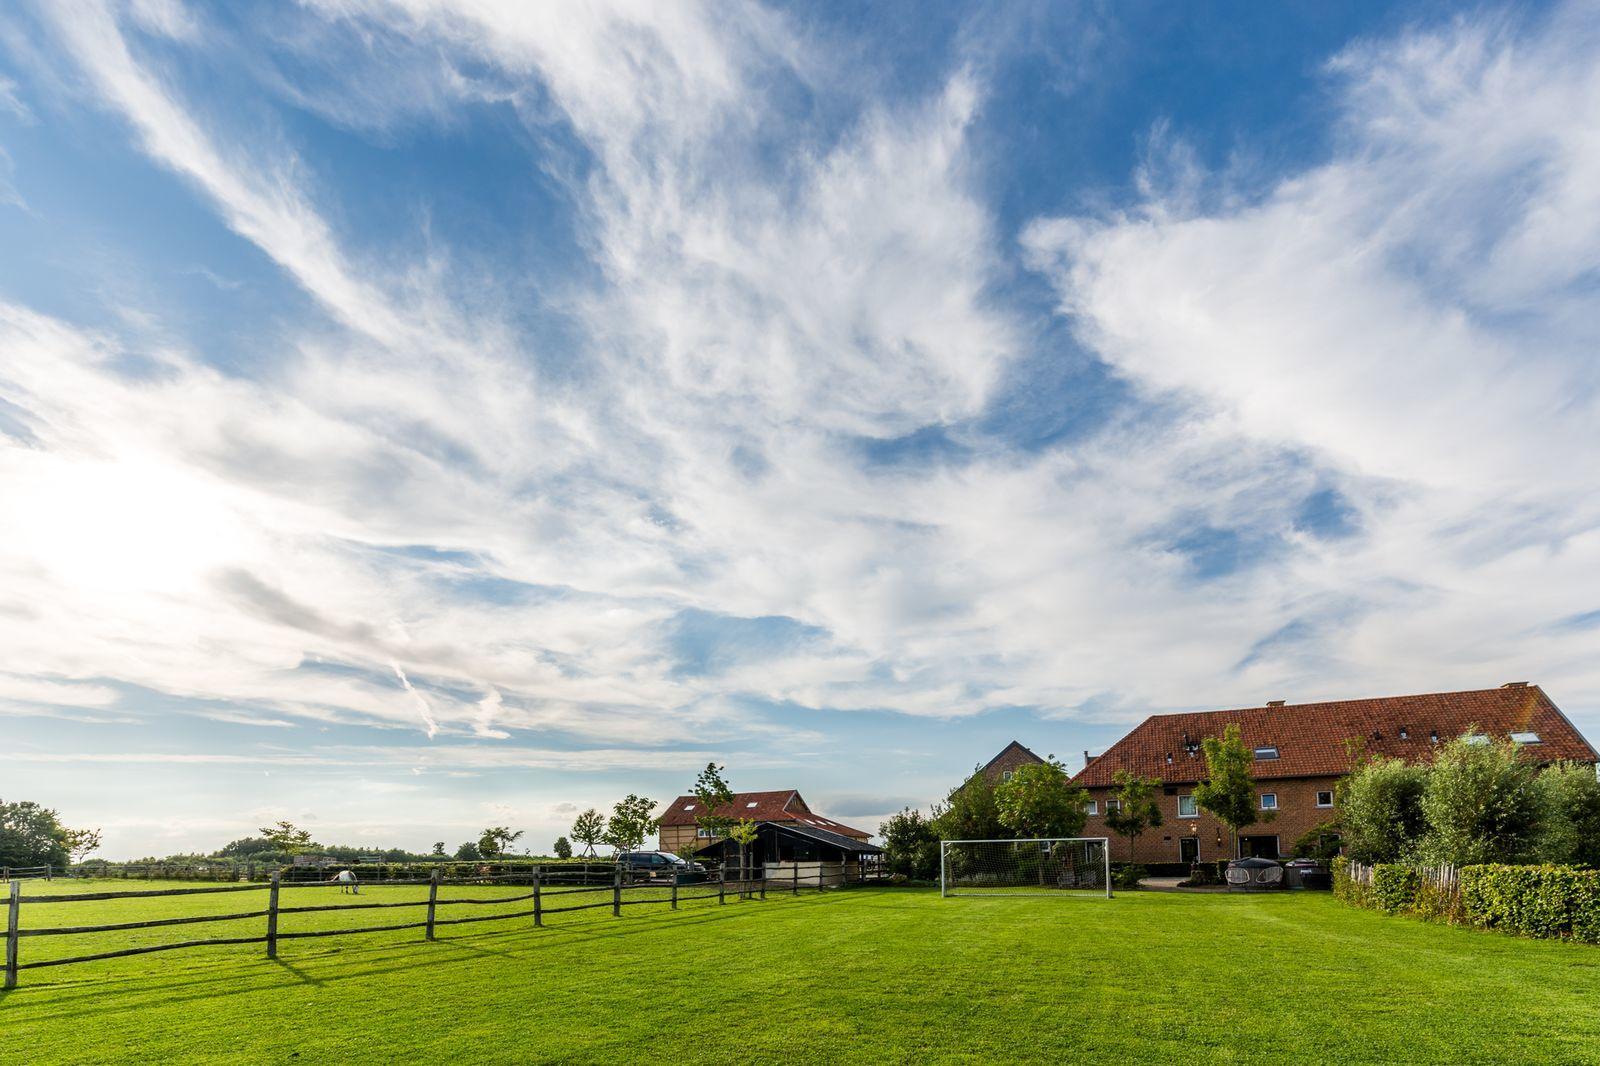 Limburgse Carrehoeve Flab - vakantiehuis Zuid-Limburg voor een weekendje weg